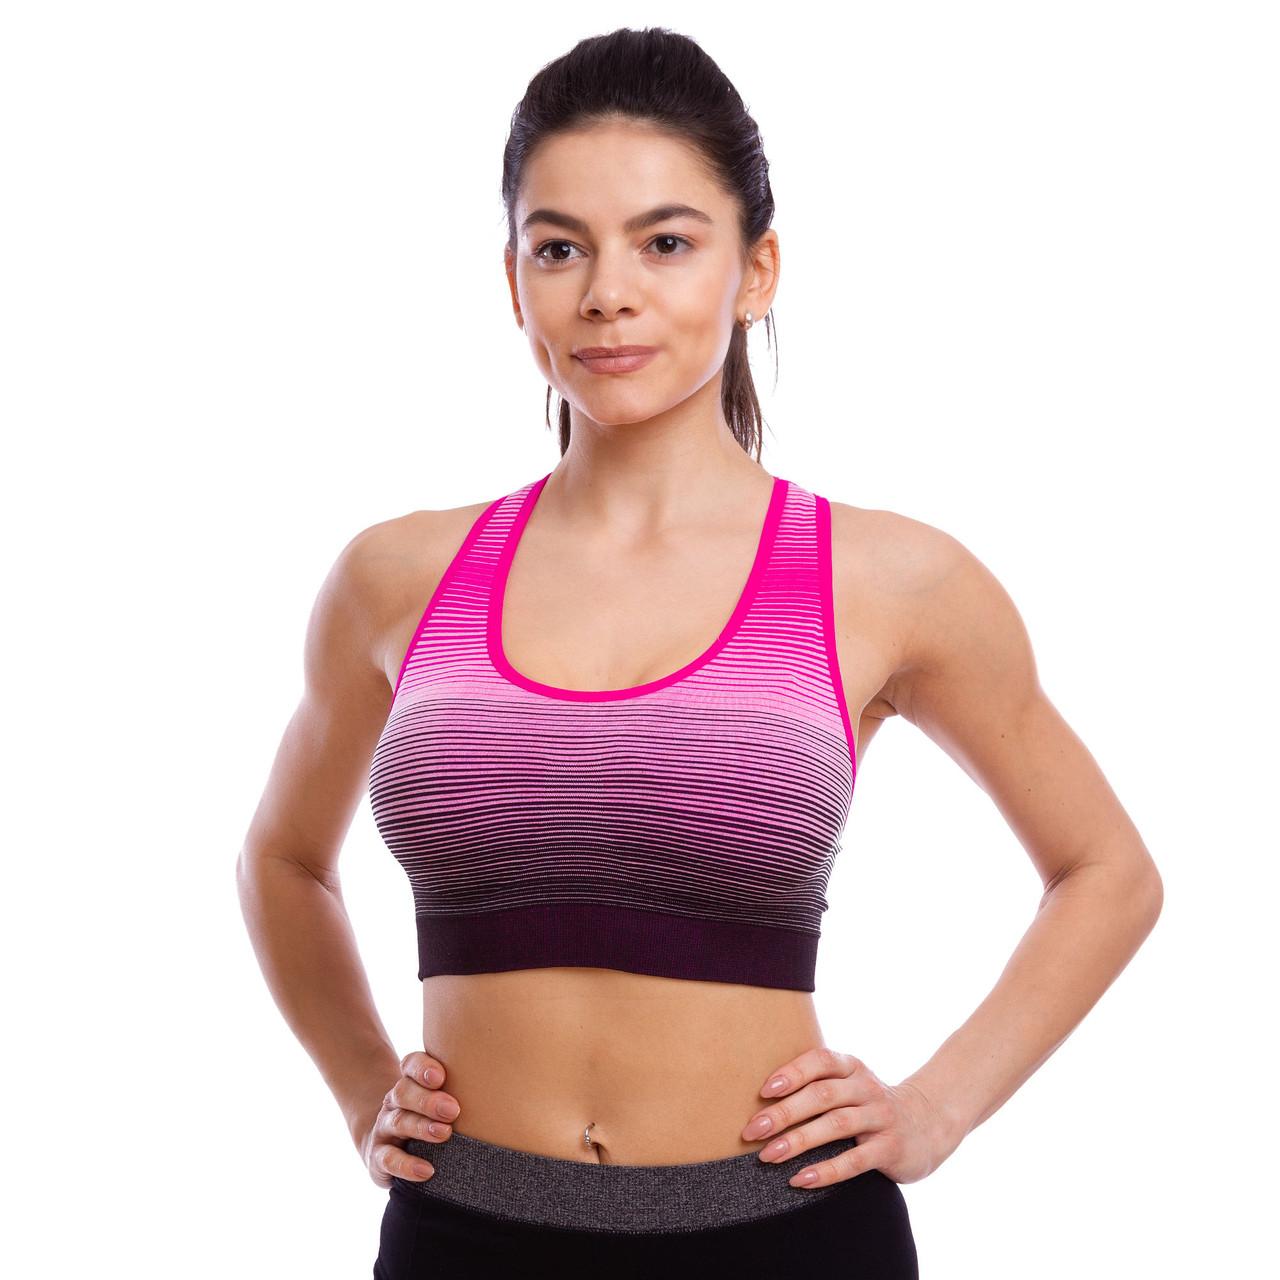 Топ для фитнеса и йоги размер M-L-40-48 Серый-бордовый M (40-44) PZ-CO-0819_1